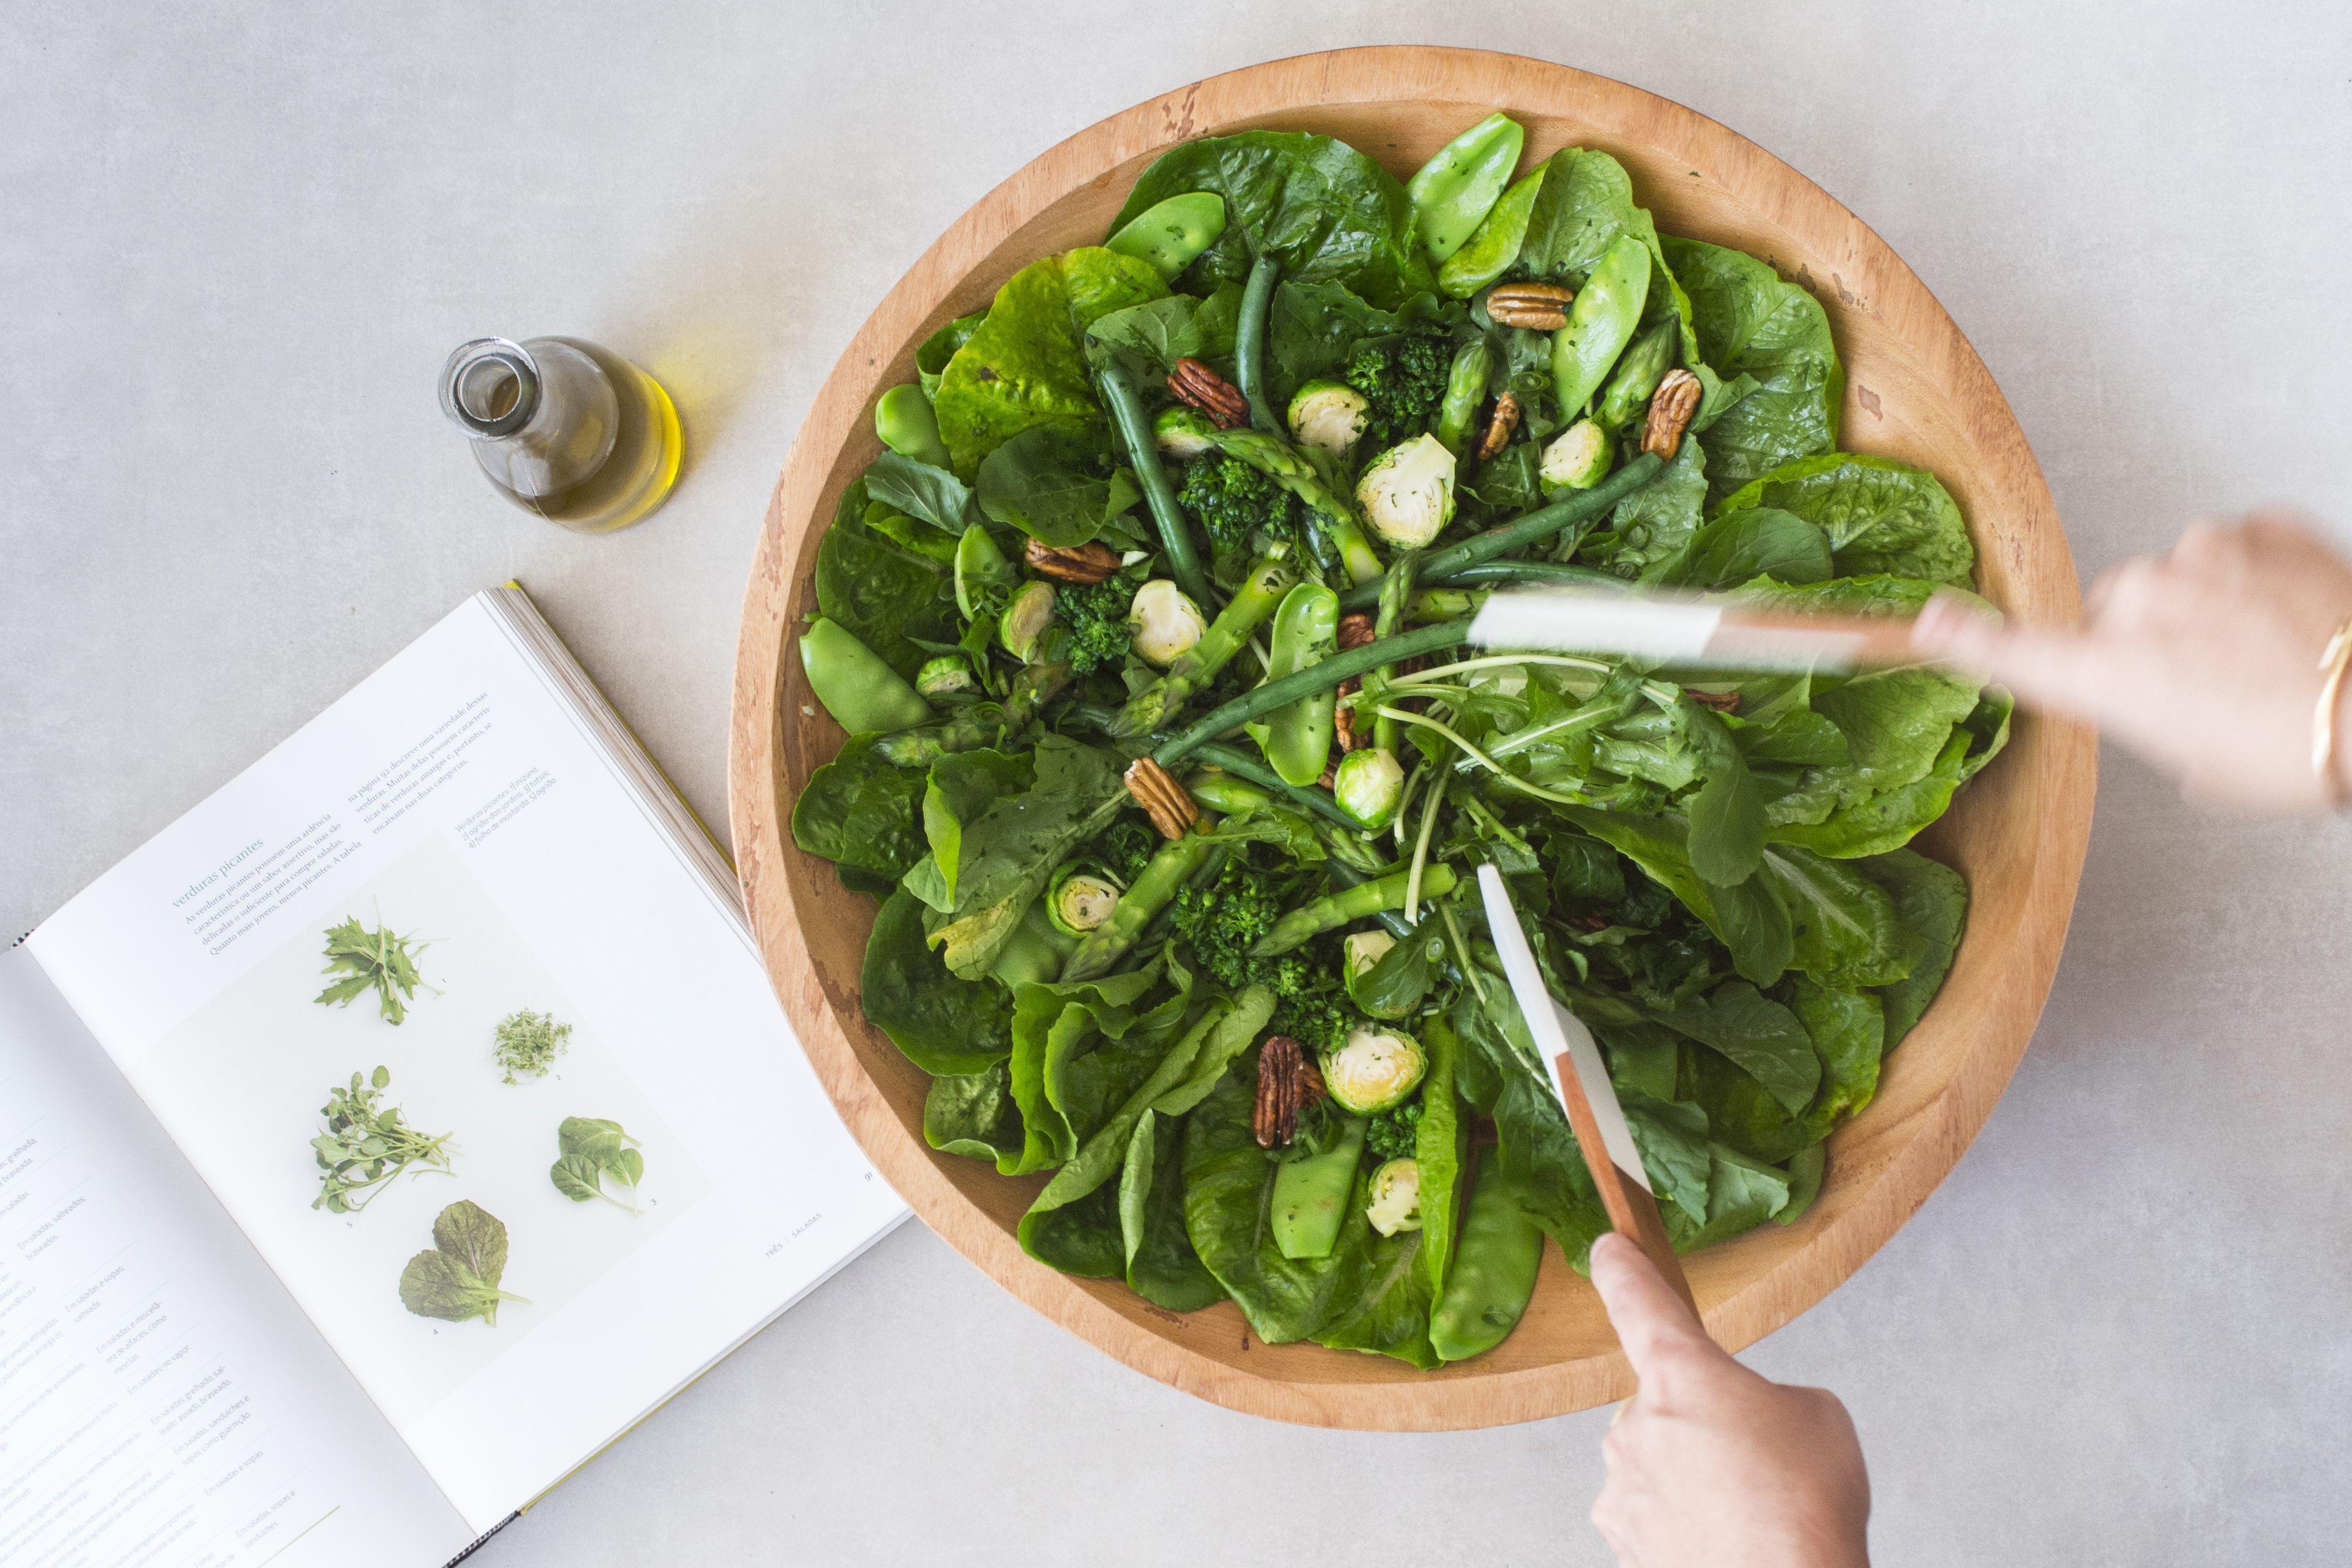 Salada verde com brócolis, vagem francesa, aspargos, ervilha, espinafre,  alface e couve de bruxelas. Criação de Pedro B… | Couve de bruxelas, Salada  verde, Aspargos